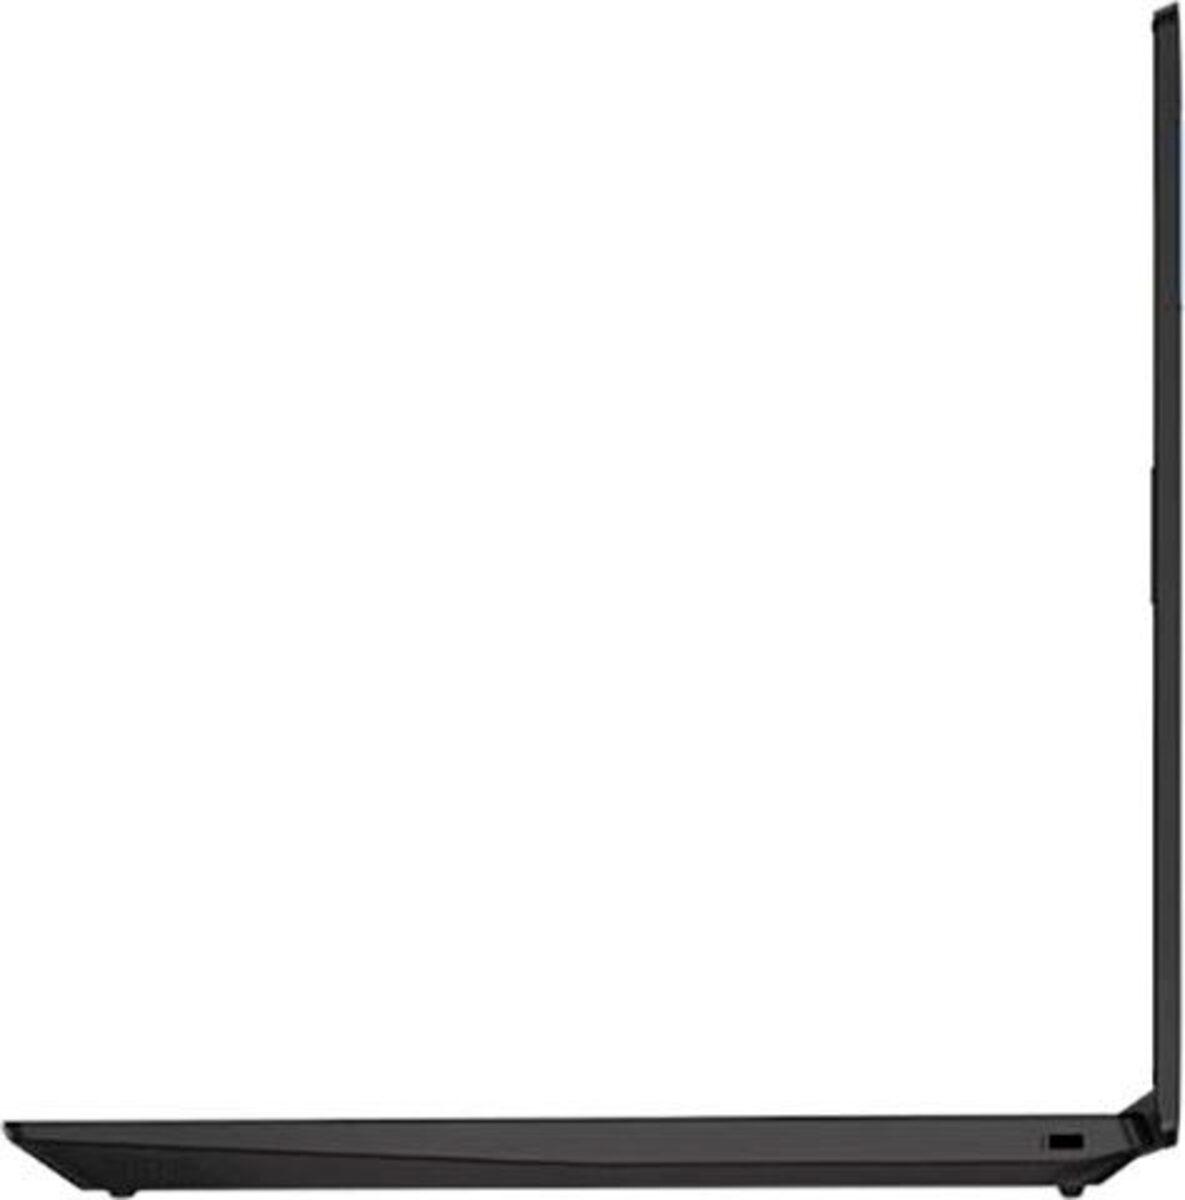 Bild 5 von Lenovo ideapad L340-17IRH Gaming 81LL0091GE Gaming-Notebook (43,94 cm/17,3 Zoll, Intel, GTX 1650, 512 GB SSD, inkl. Office-Anwendersoftware Microsoft 365 Single im Wert von 69 Euro)